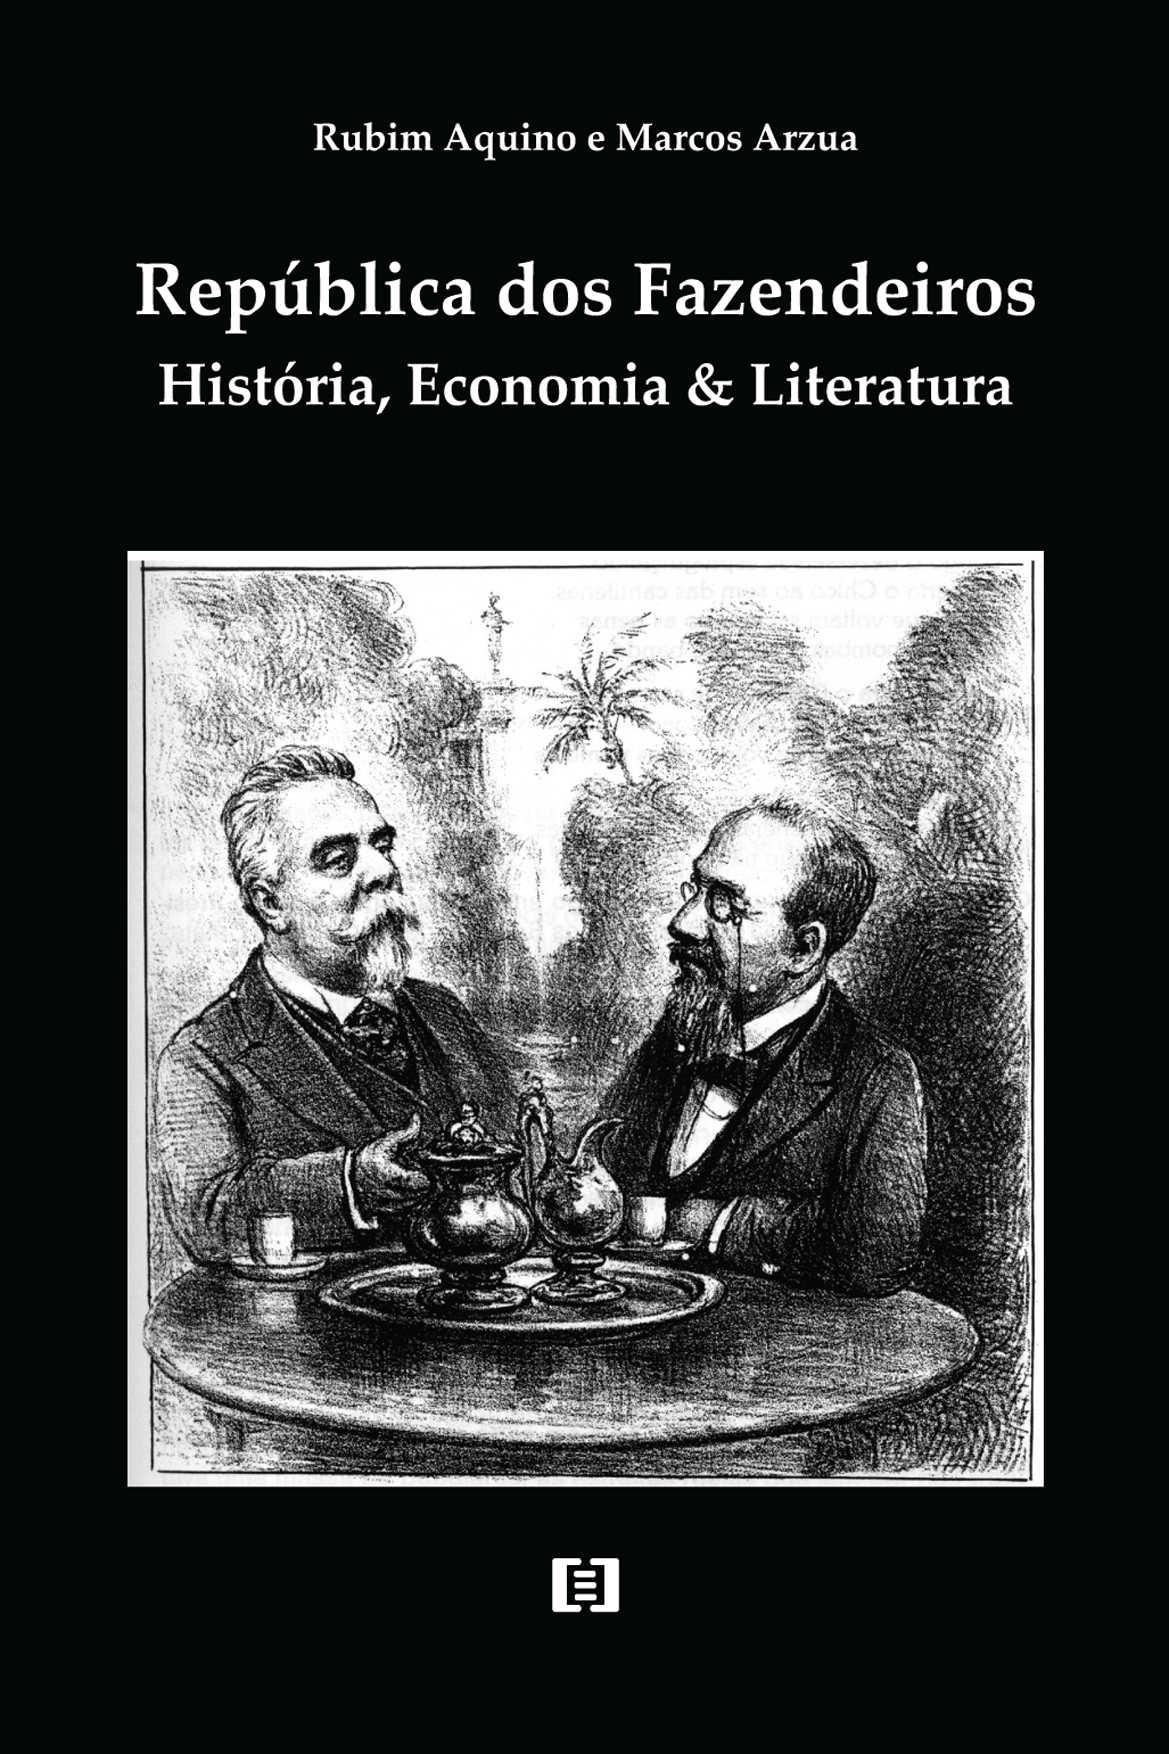 República dos Fazendeiros: História, Economia e Literatura